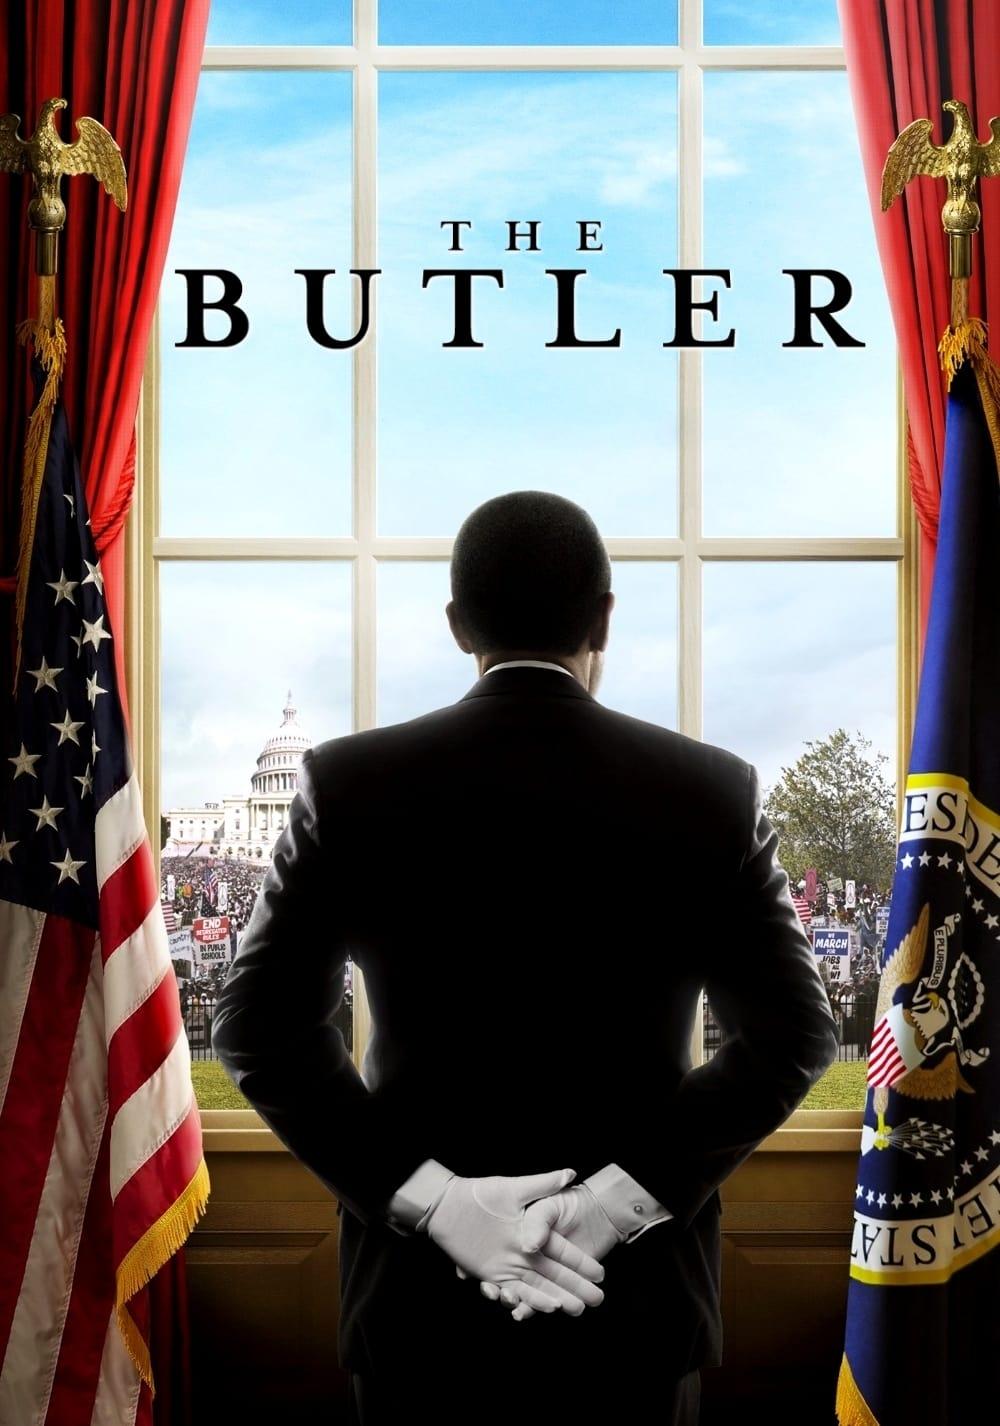 Lee Daniels The Butler DVD Release Date   Redbox, Netflix